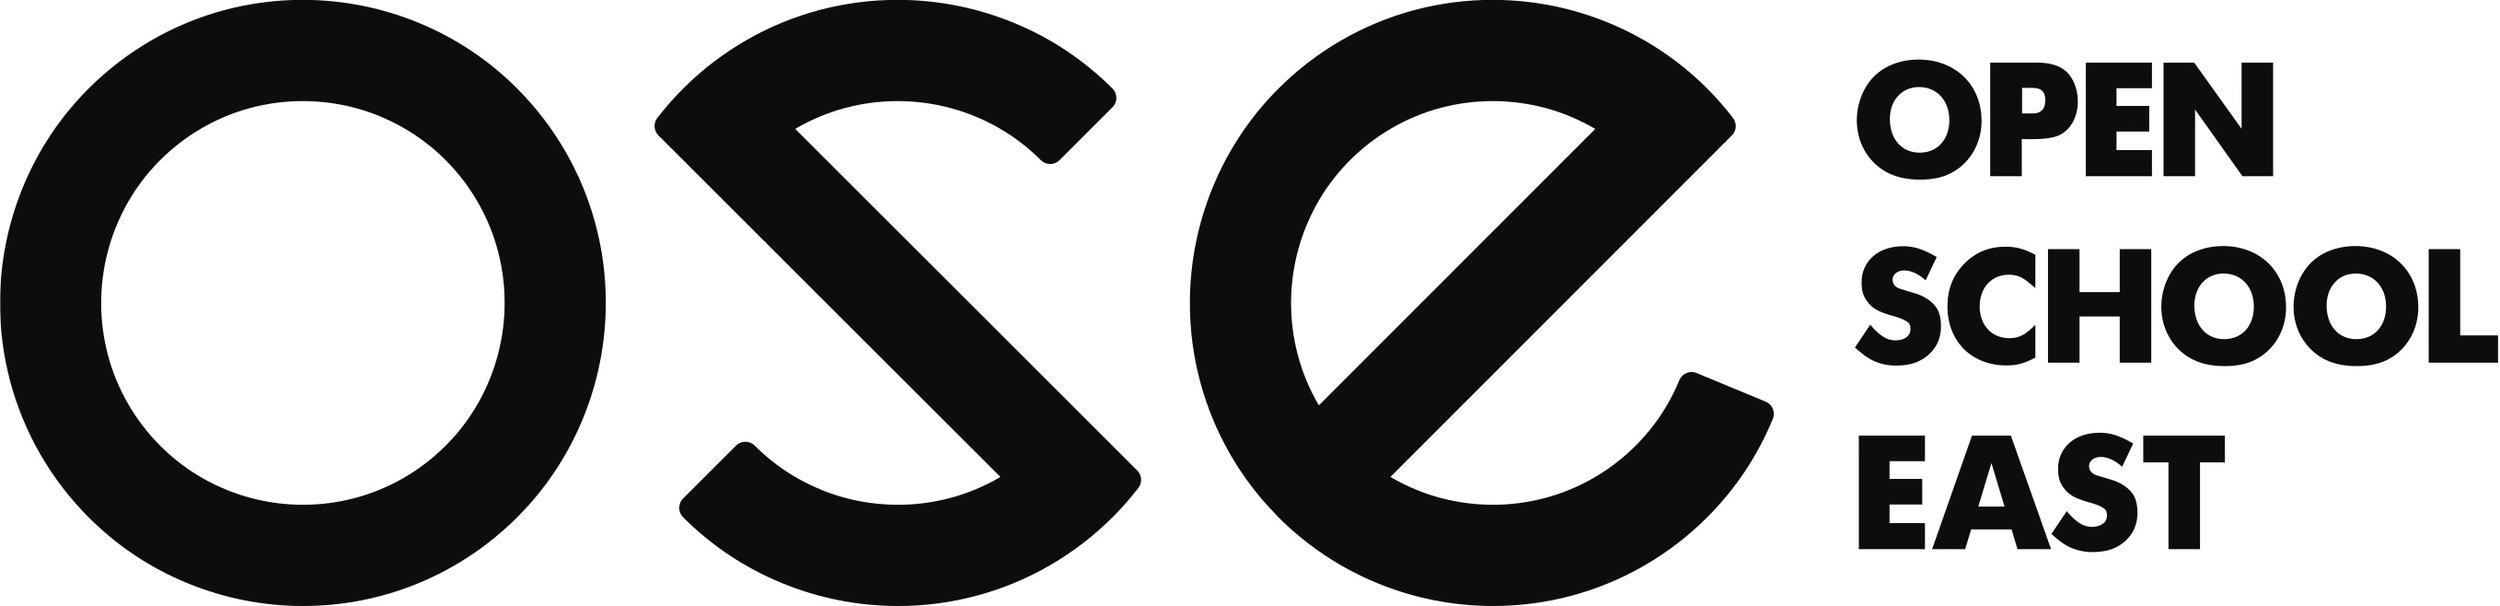 OSE_logo(rgb) best res.jpg